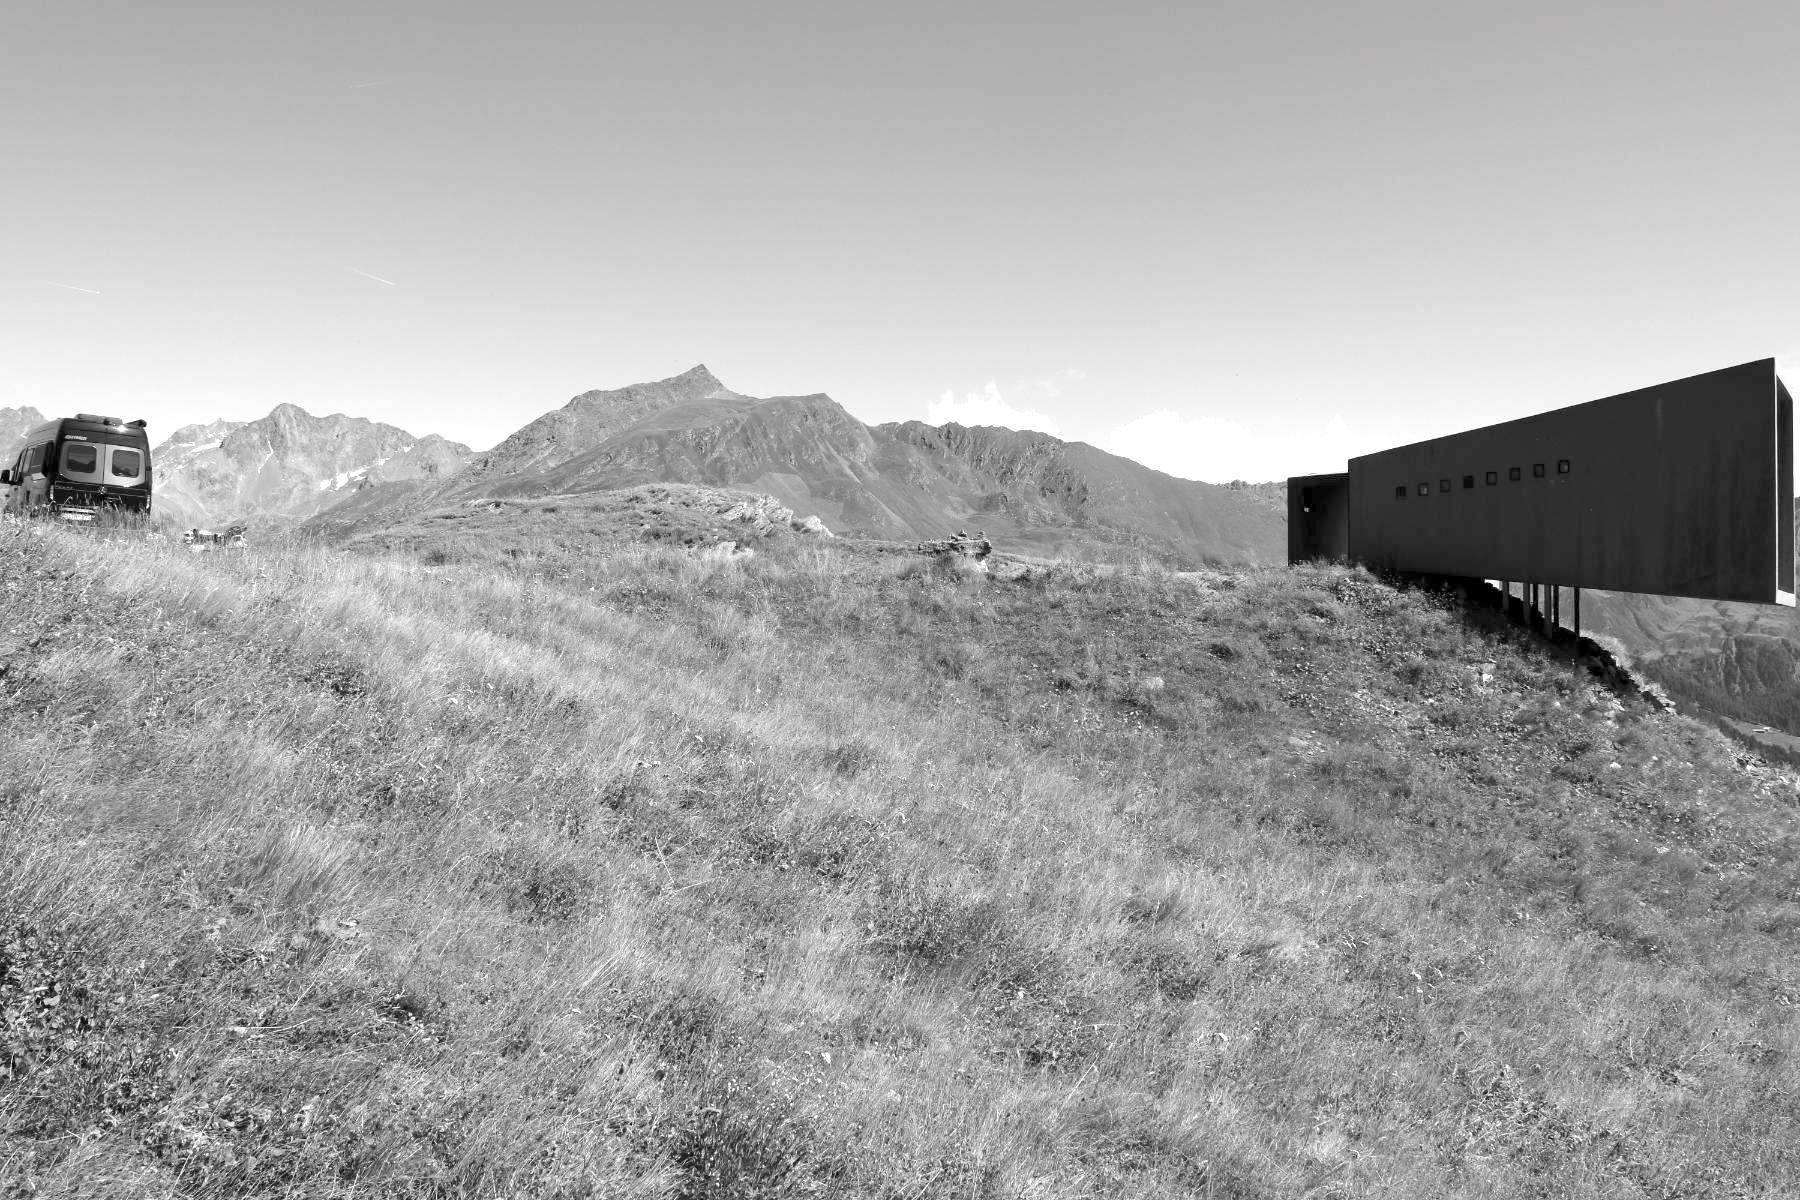 Timmelsjoch Erfahrung. Auf der Hochalpenstraße Timmelsjoch auf teils über 2.500 m Höhe hat der Südtiroler Architekt Werner Tscholl sechs Architektur-Skulpturen geschaffen. Eins davon: das Fernrohr.